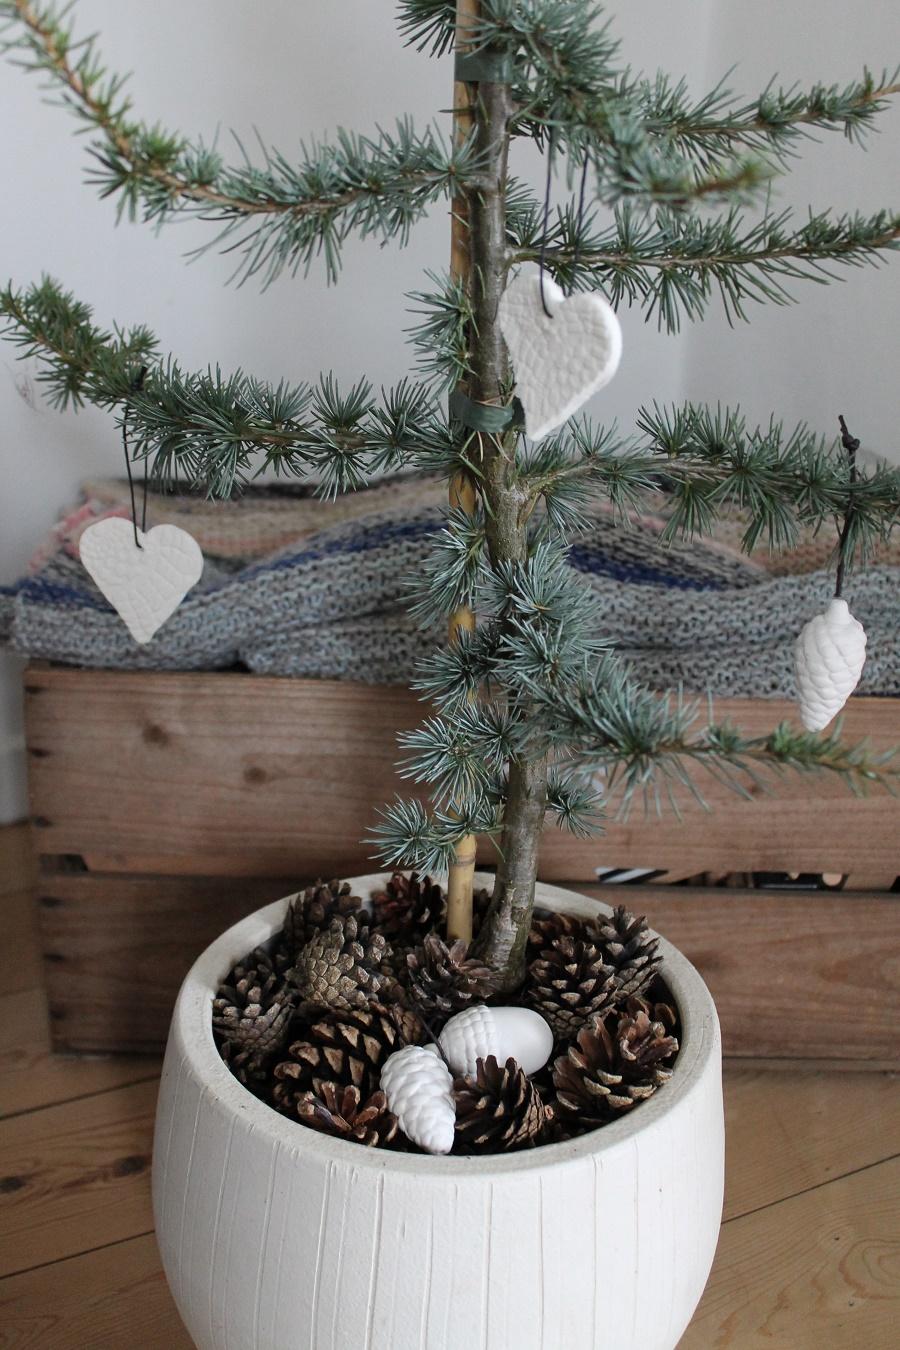 pyntning af jule træ